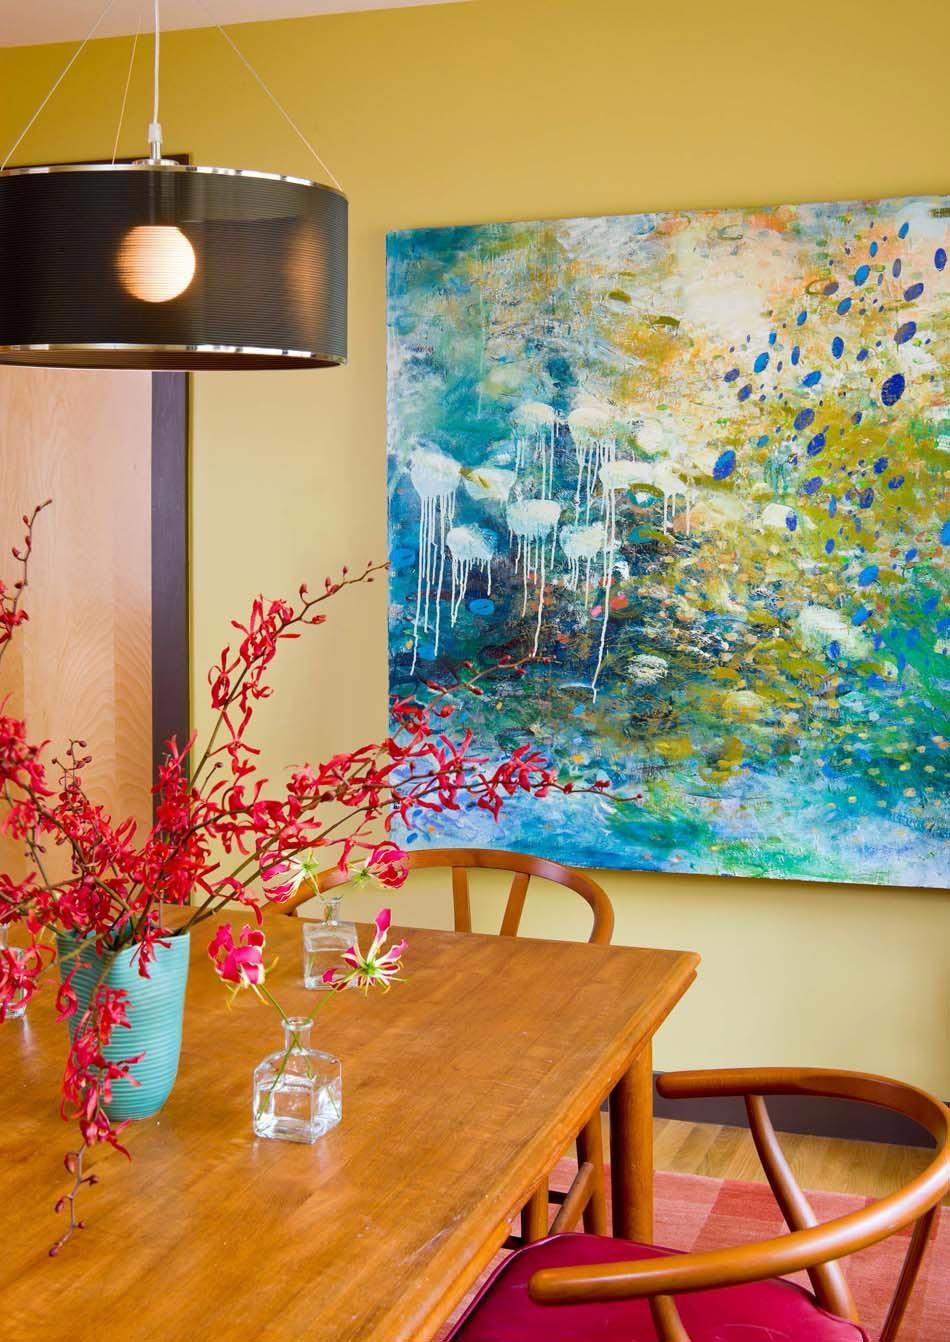 le tableau d co embellit les murs et transforme l ambiance g n rale d une pi ce design feria. Black Bedroom Furniture Sets. Home Design Ideas